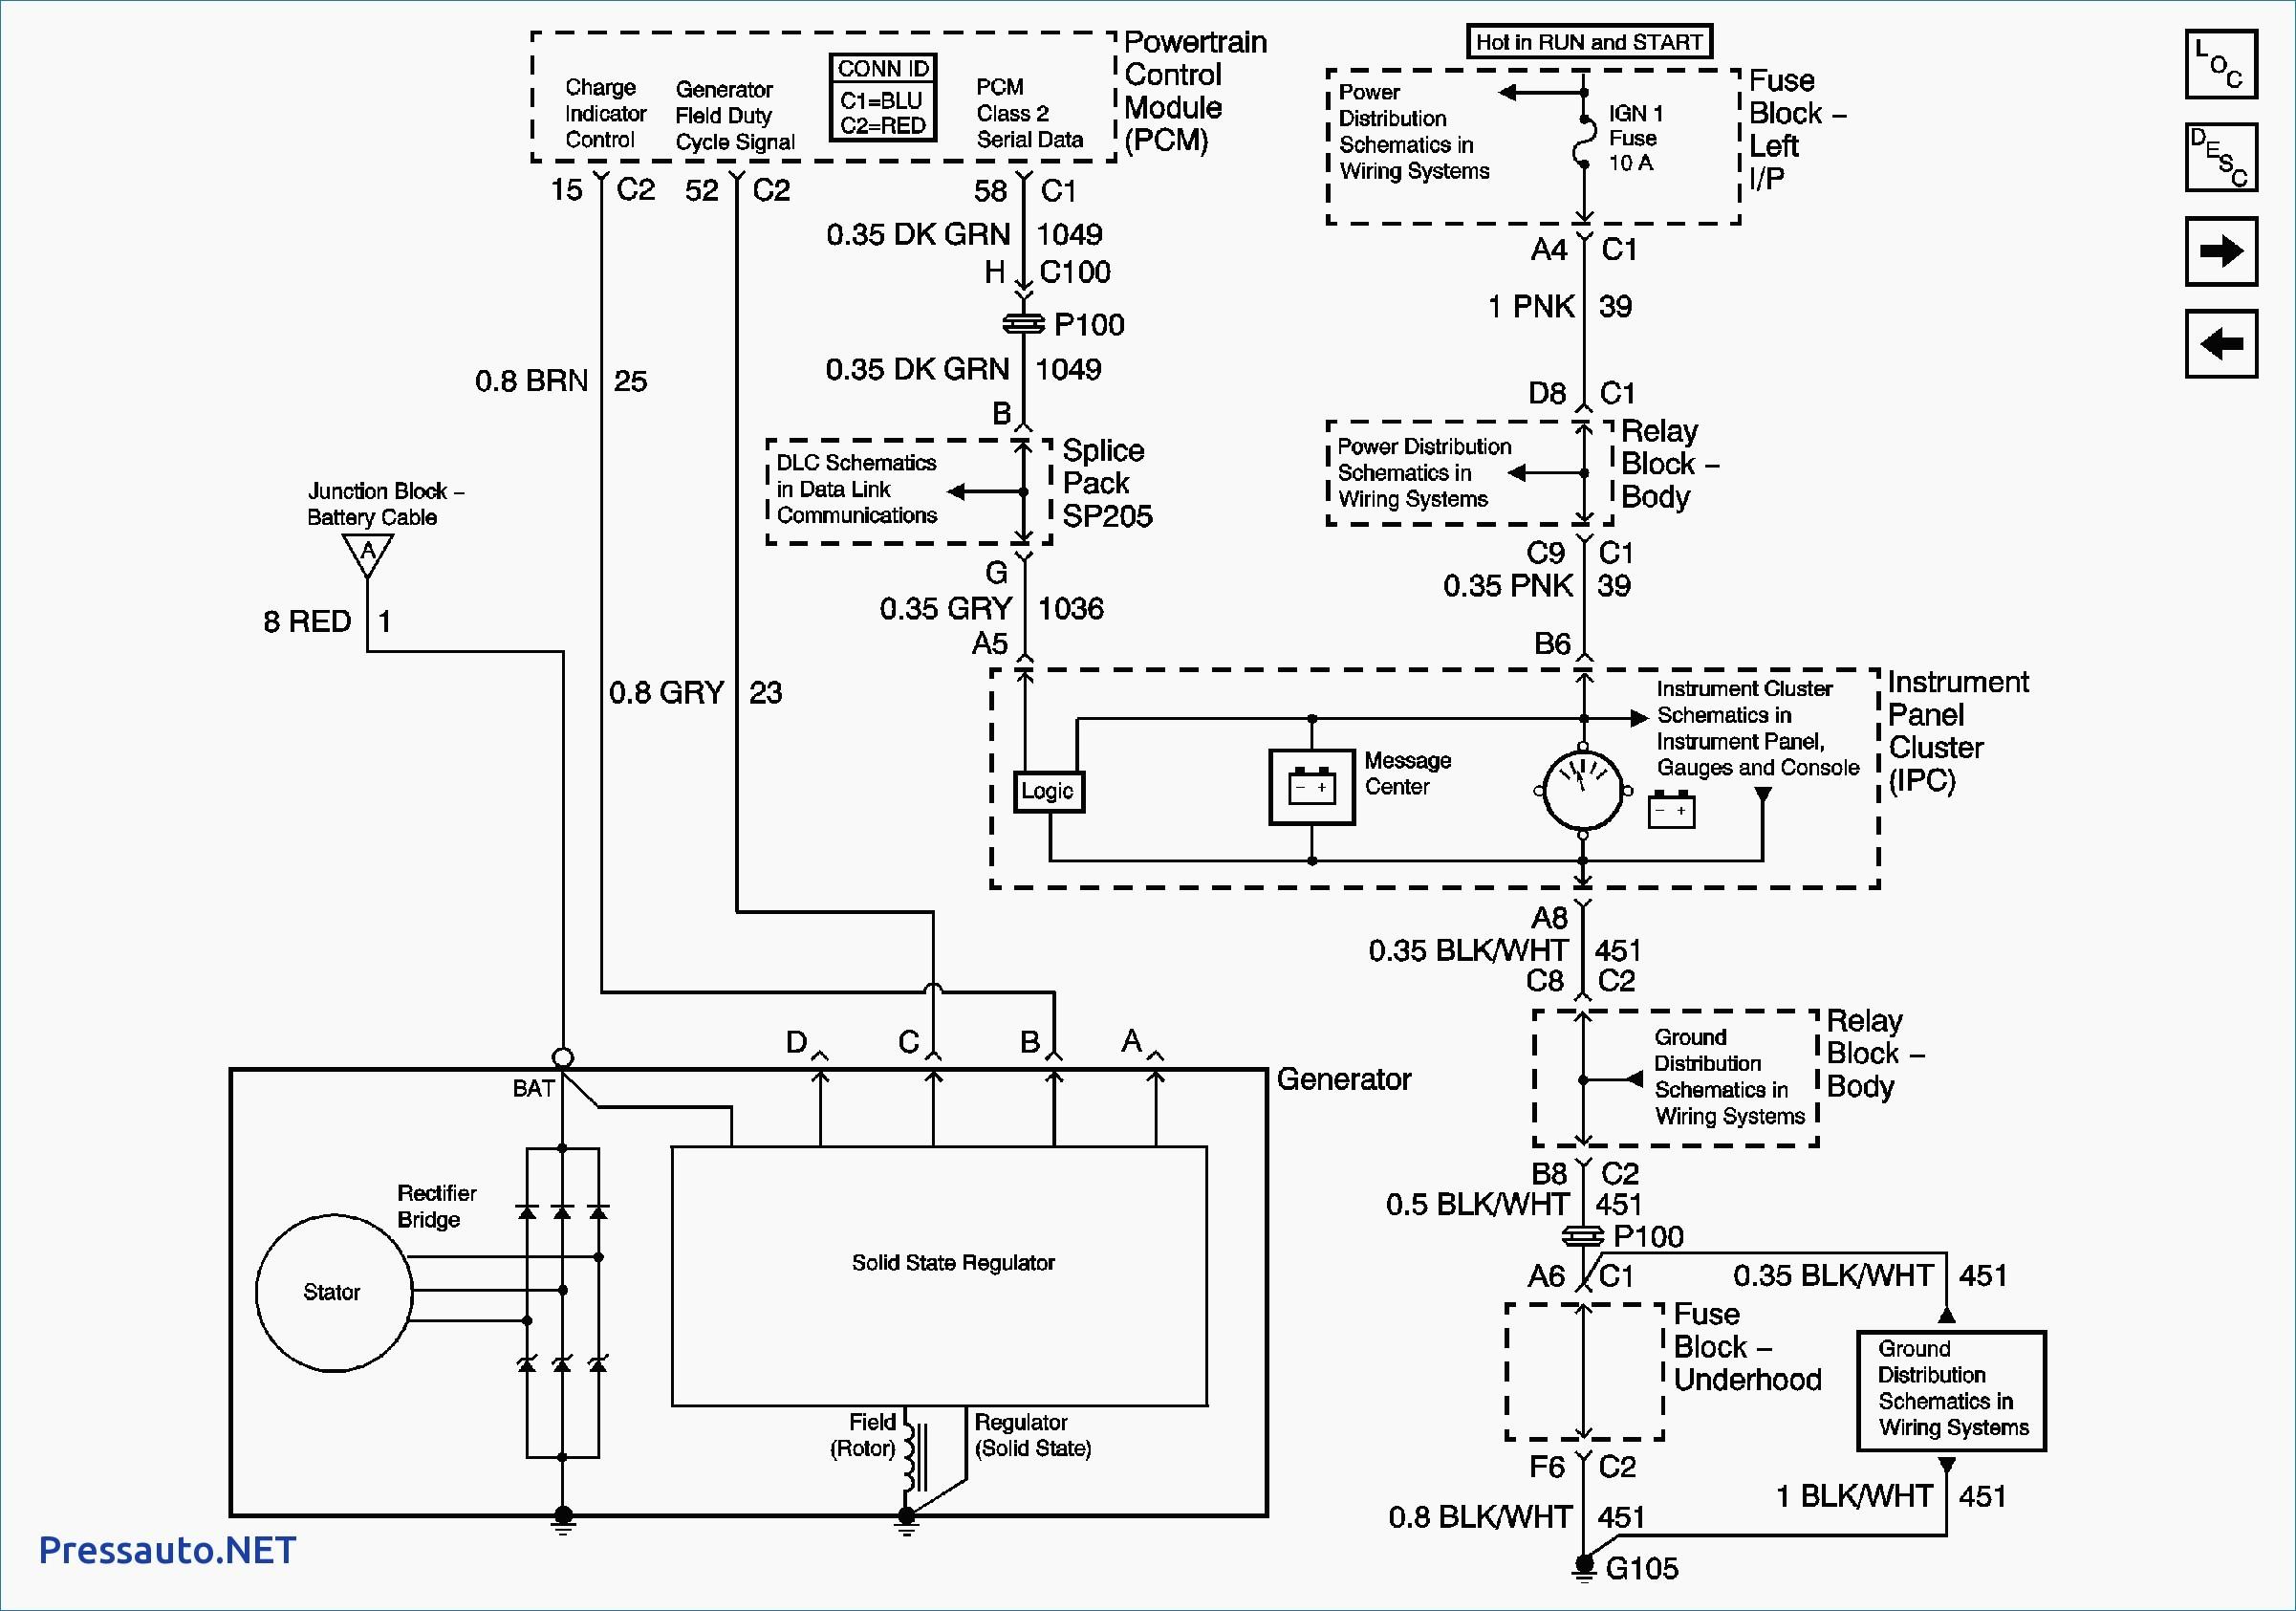 delco remy alternator wiring diagram for 31si circuit diagram rh cimot co Delco Remy Starter Wiring Diagram Delco Remy Distributor Wiring Diagram